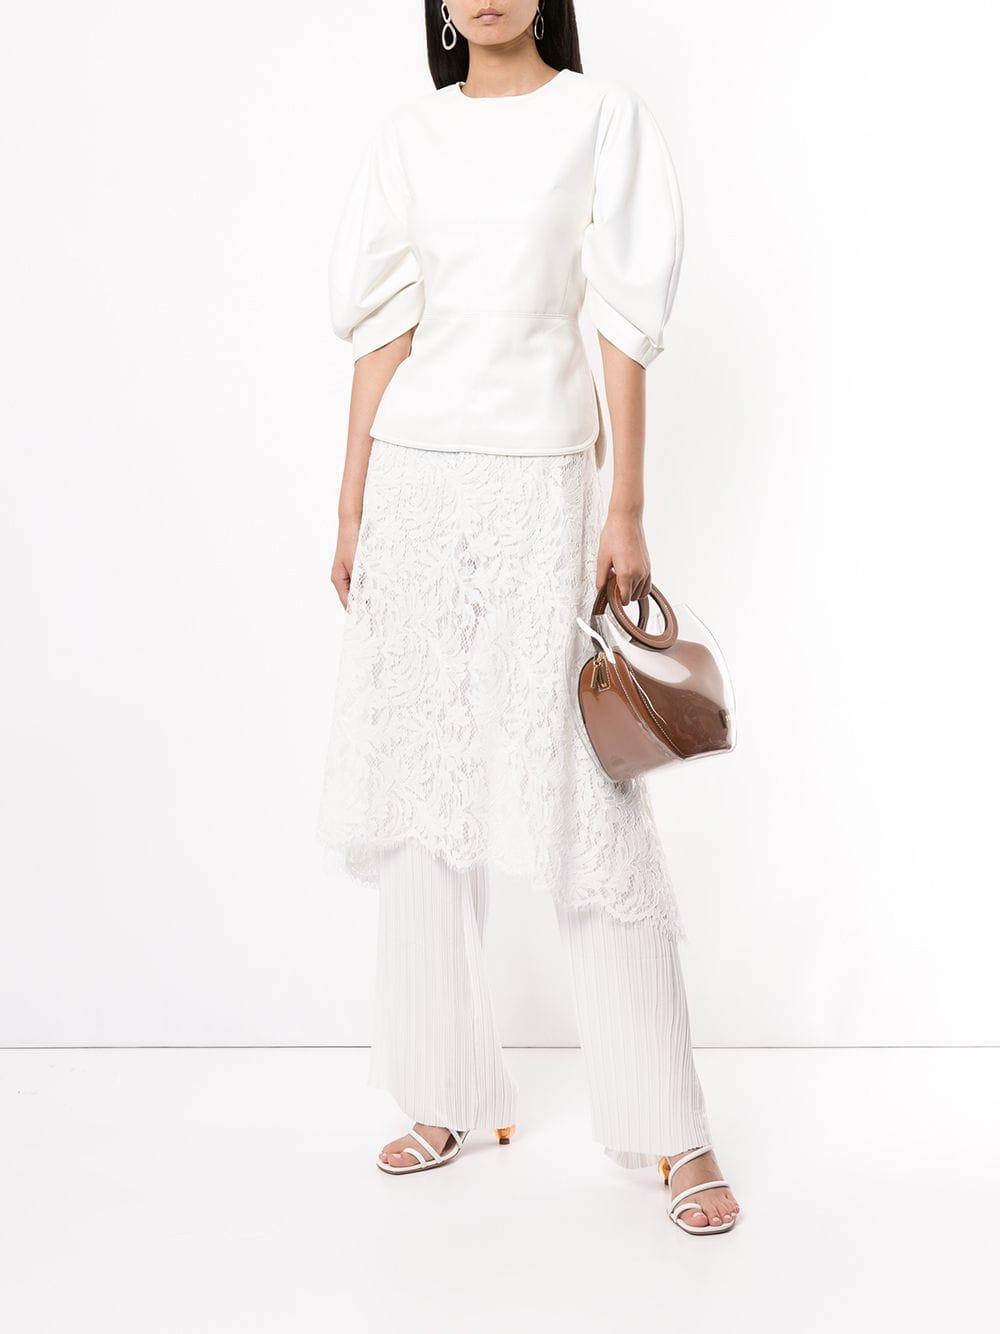 Pantalones acampanados con diseño en capas Goen.J de Chifón de color Blanco